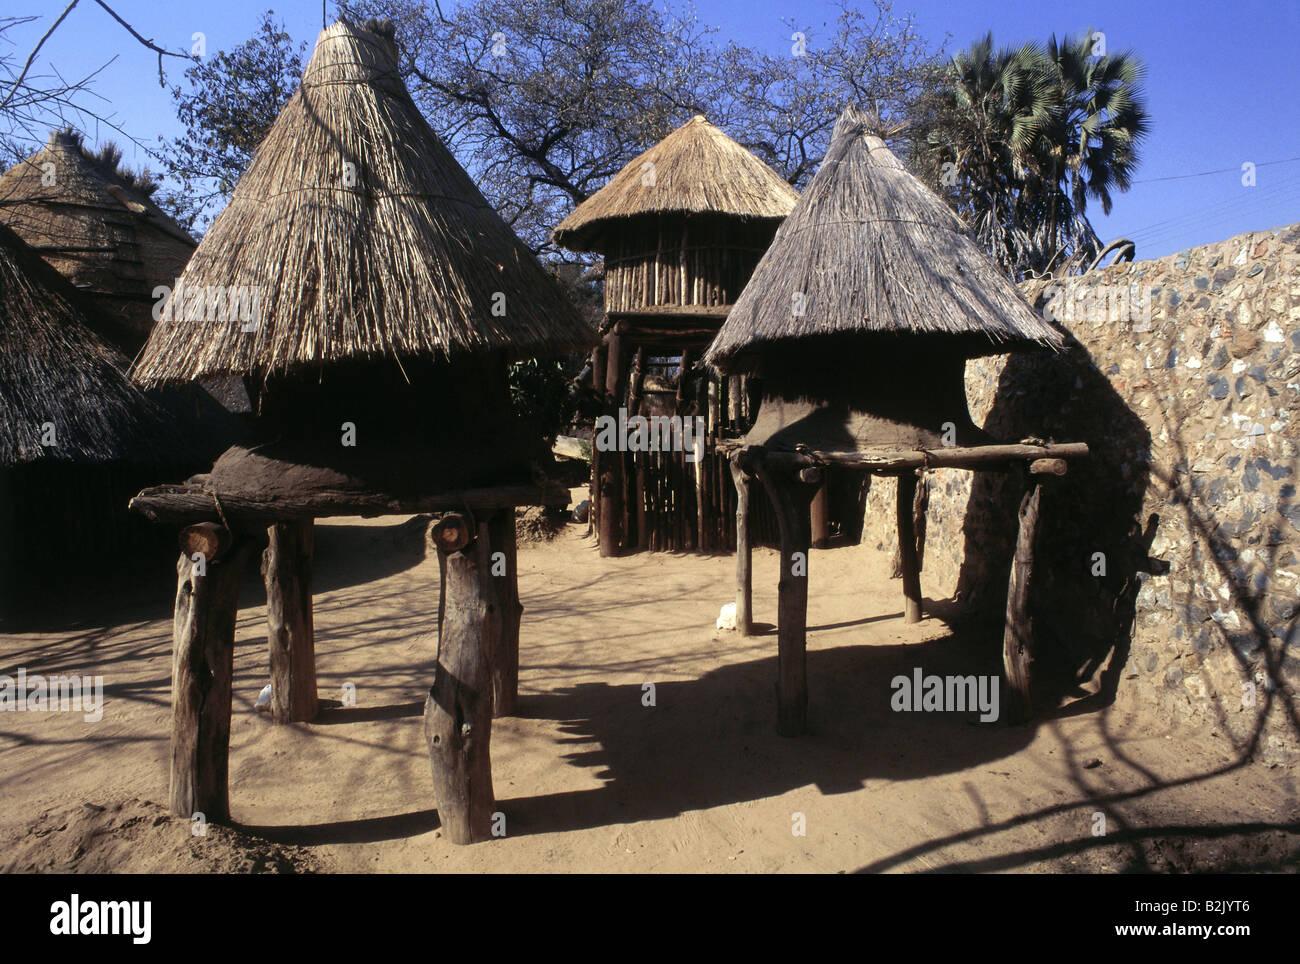 zimbabwe hut stock photos zimbabwe hut stock images alamy